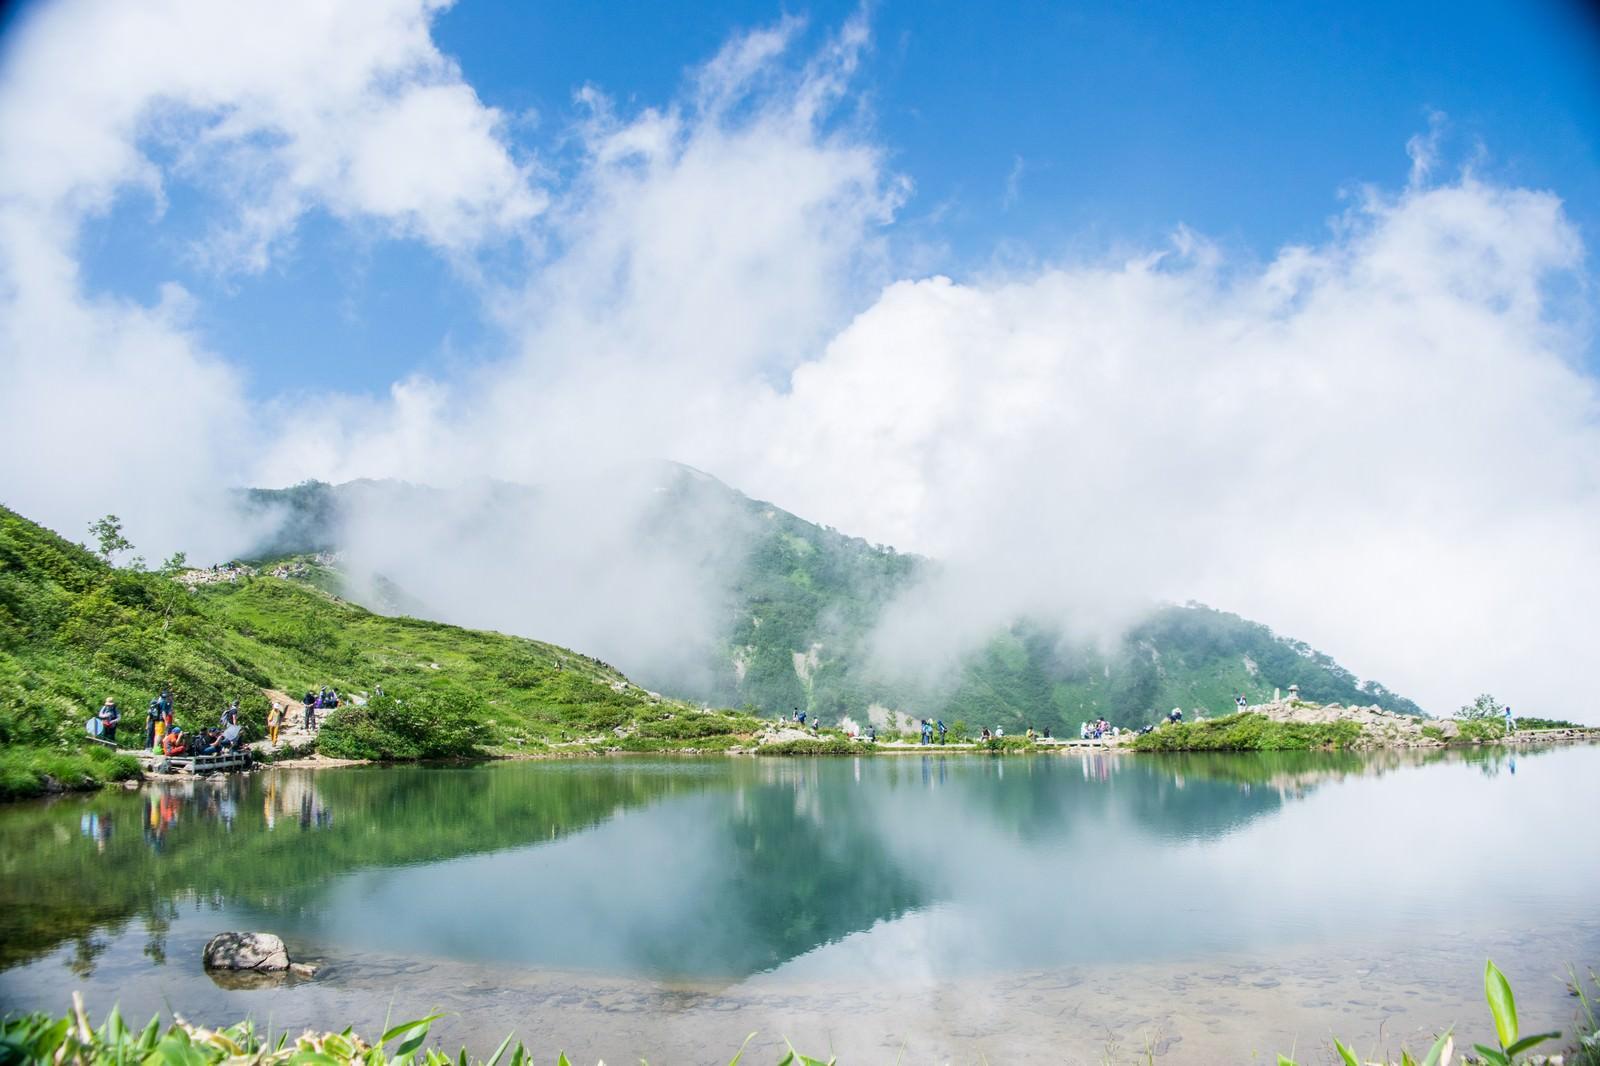 「湖面に映り込む雲と休憩中の登山者」の写真